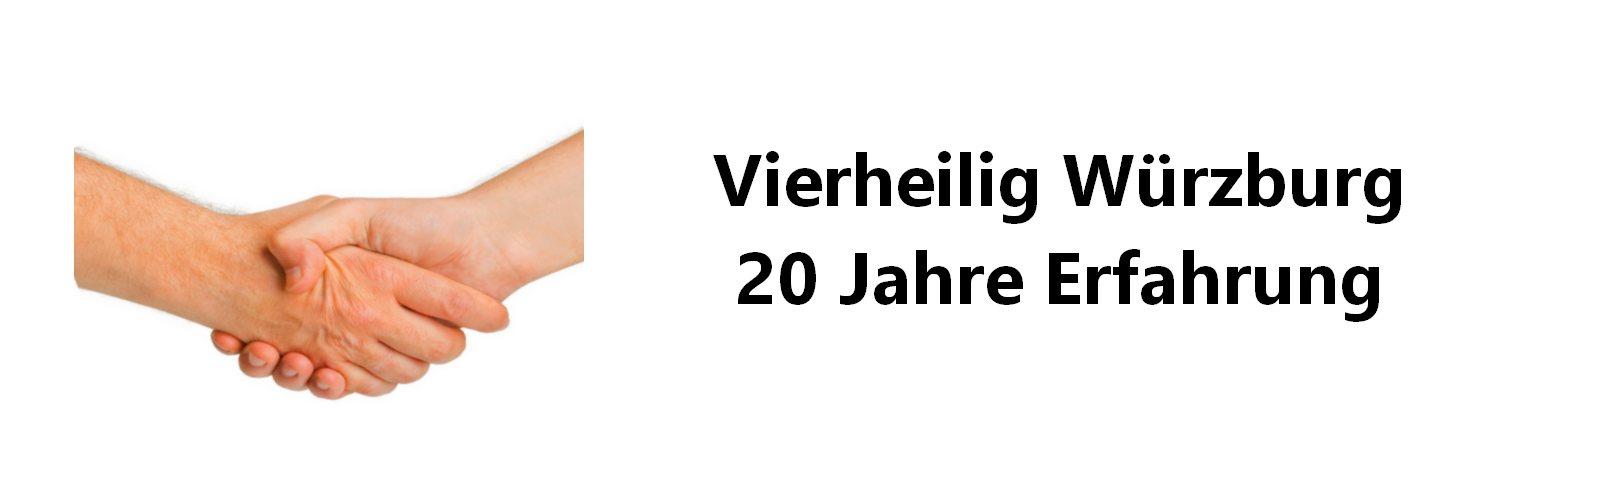 Vierheilig Würzburg